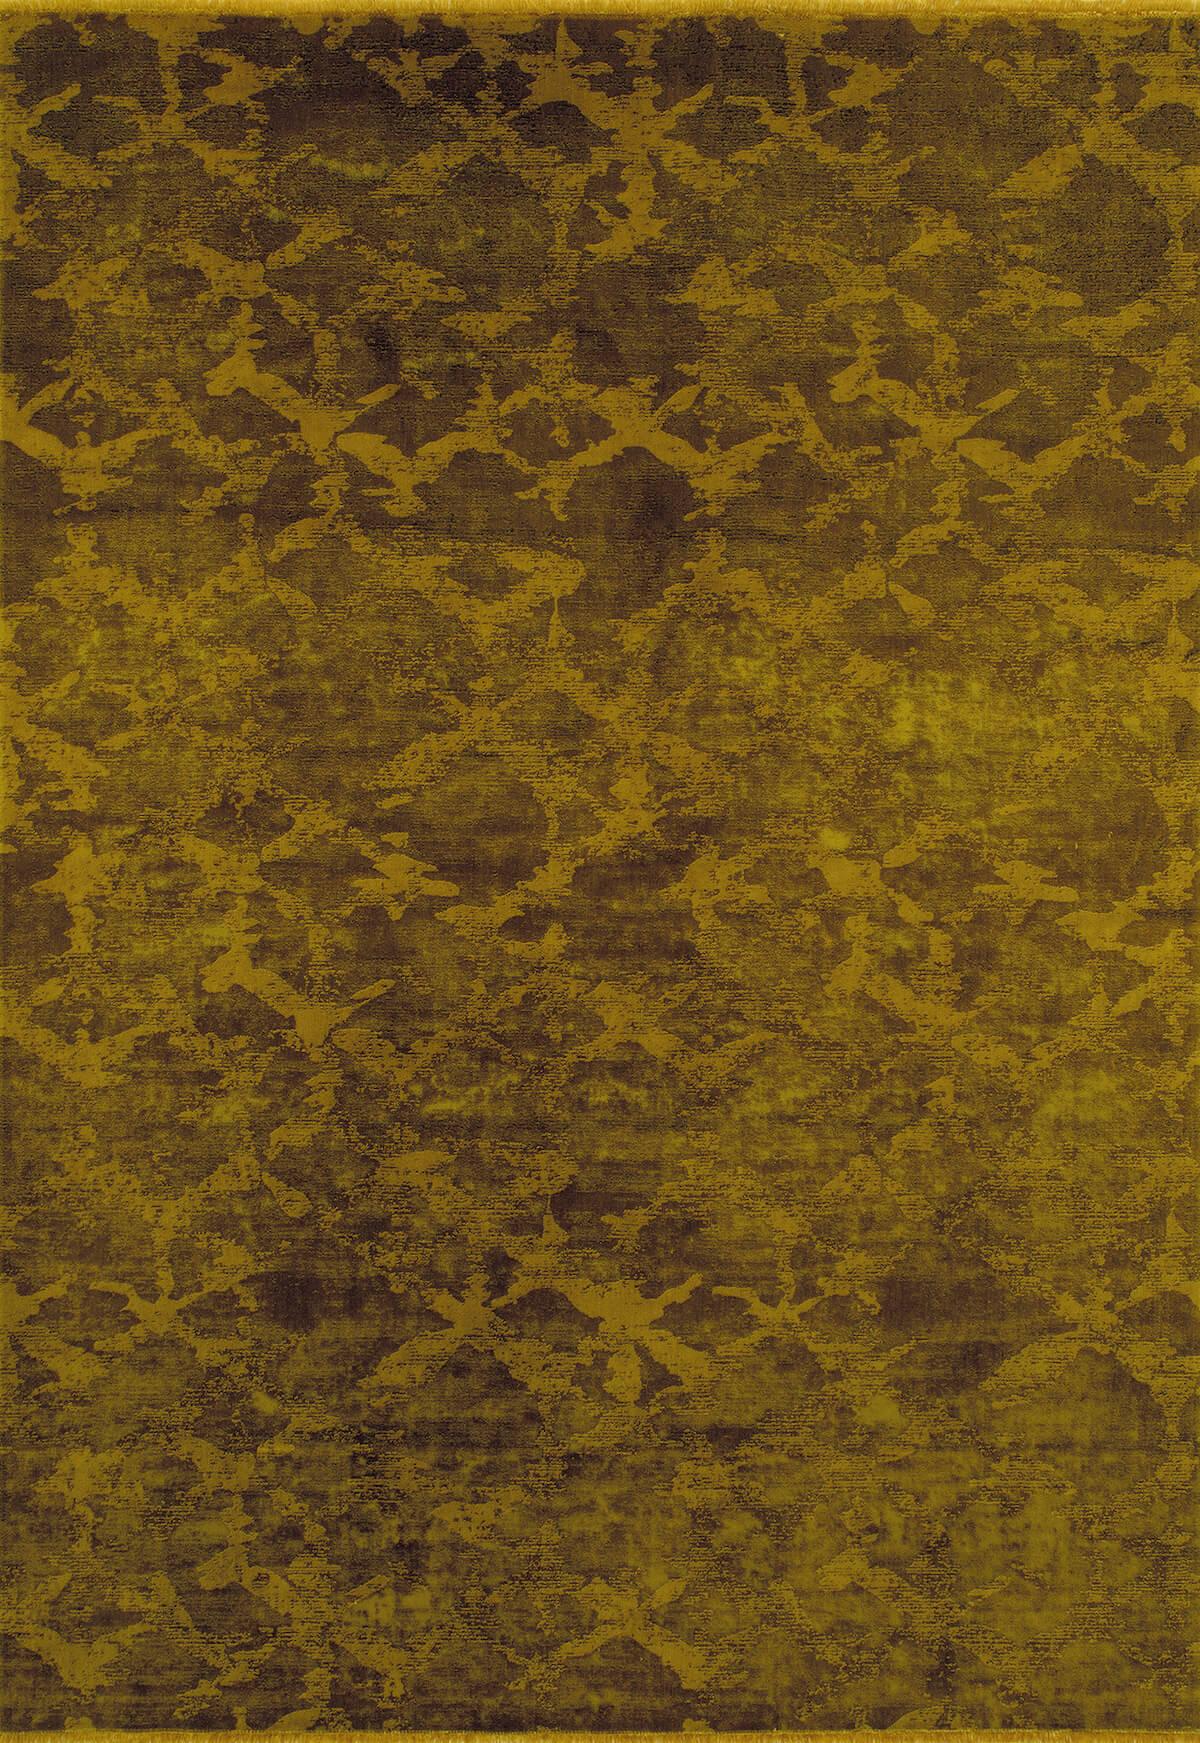 KADİFE KİLİM 5302 GOLD Kadife Kilim Dekoratif Kilim